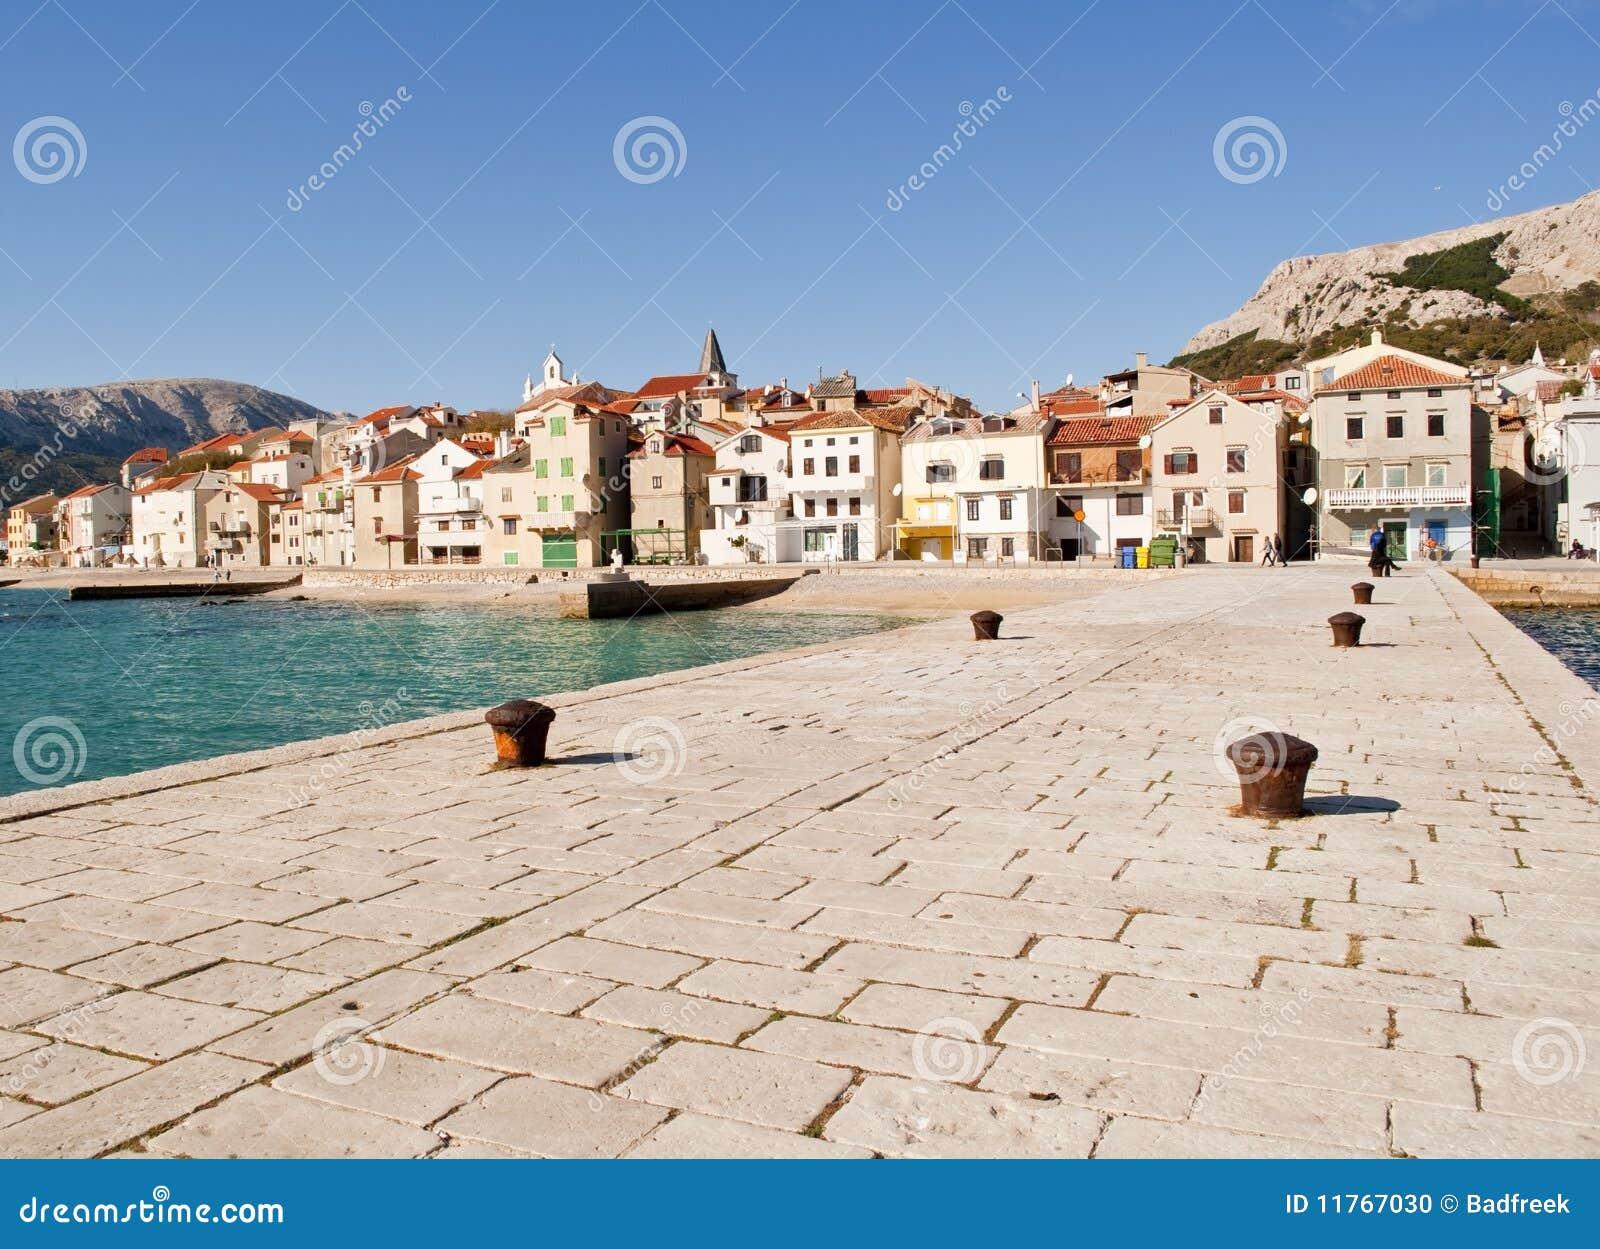 Ciudad vieja de la playa de Baska (Krk)